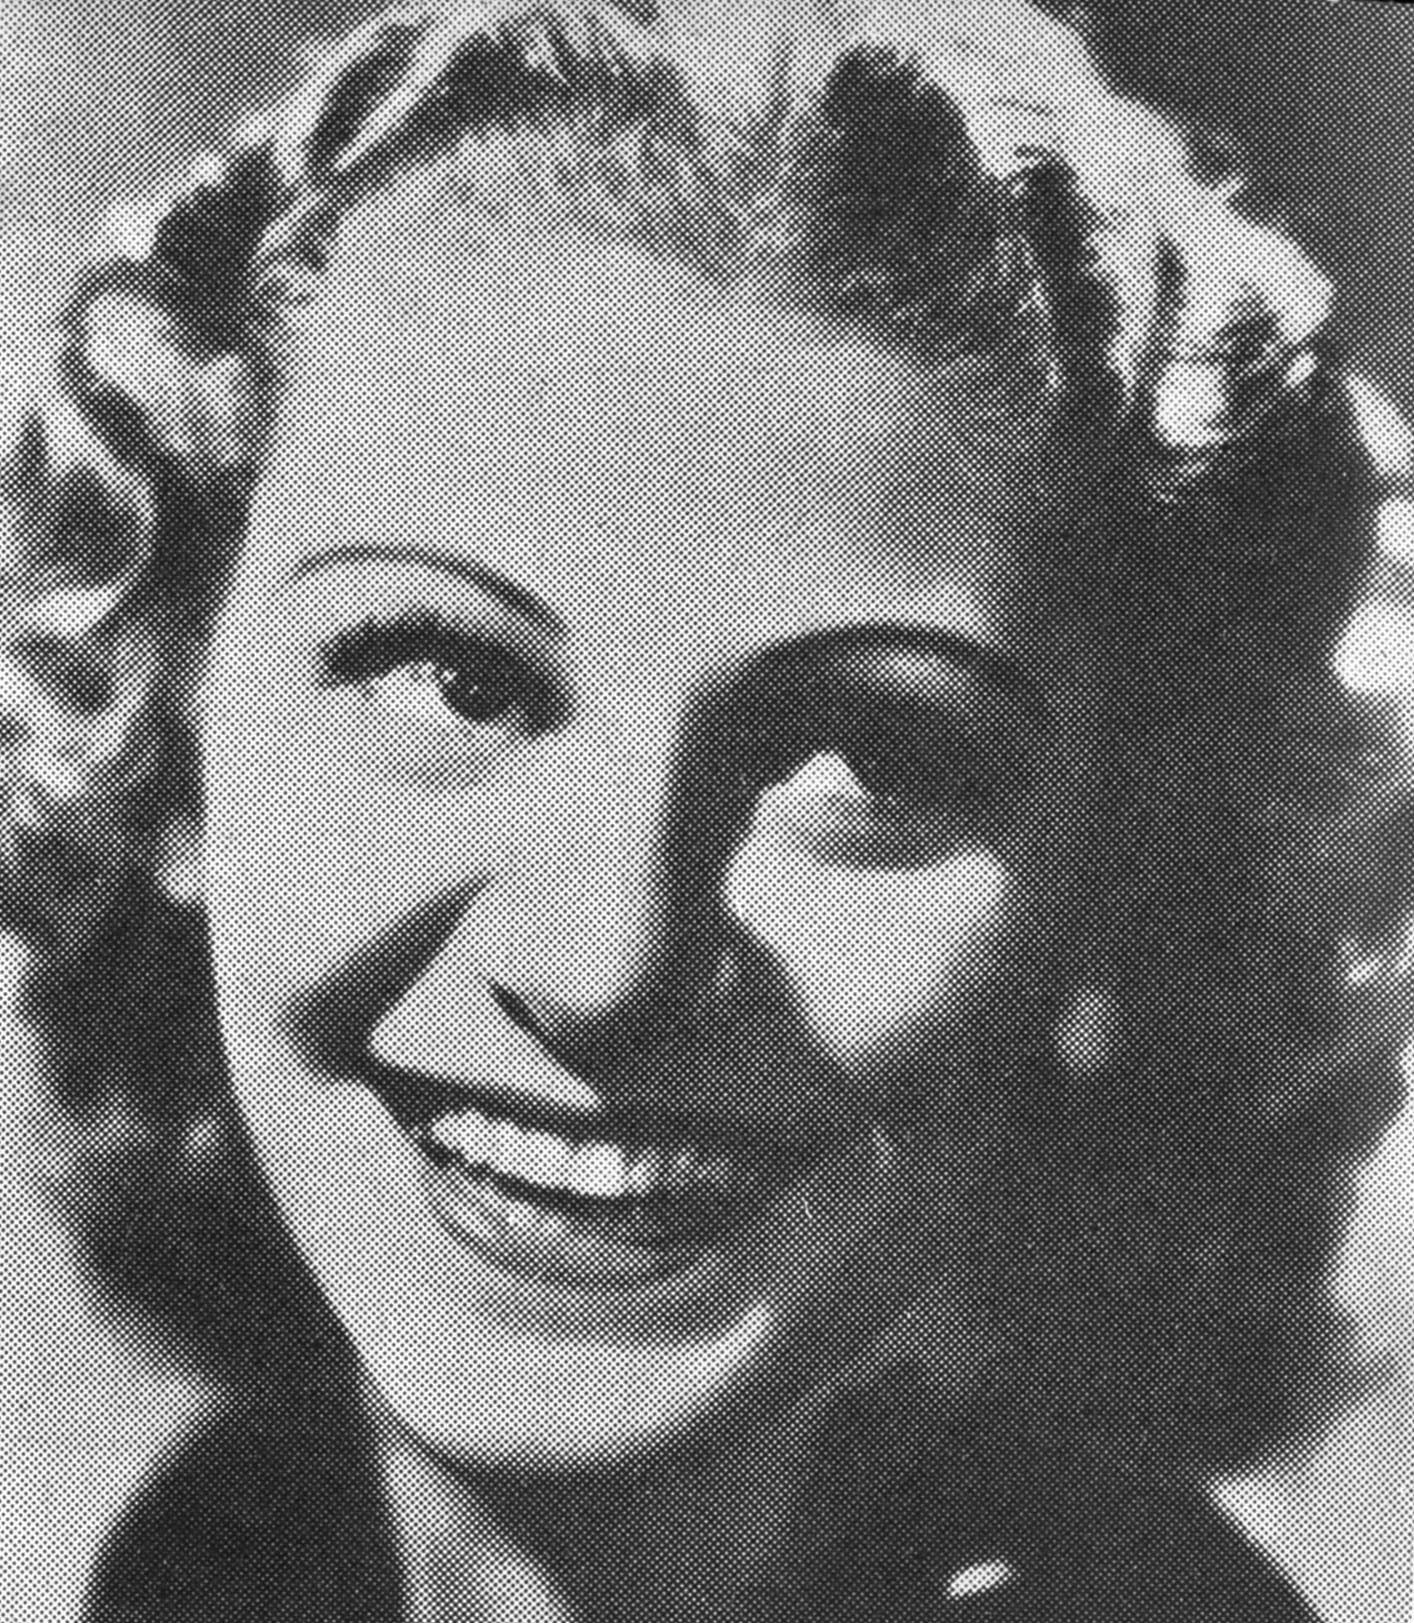 Diana Miller avbildad i Hellström, Nils (red), Jazz – historia, teknik, utövare; Estrad,  Stockholm 1940. Fotograf okänd (Wikimedia Commons)